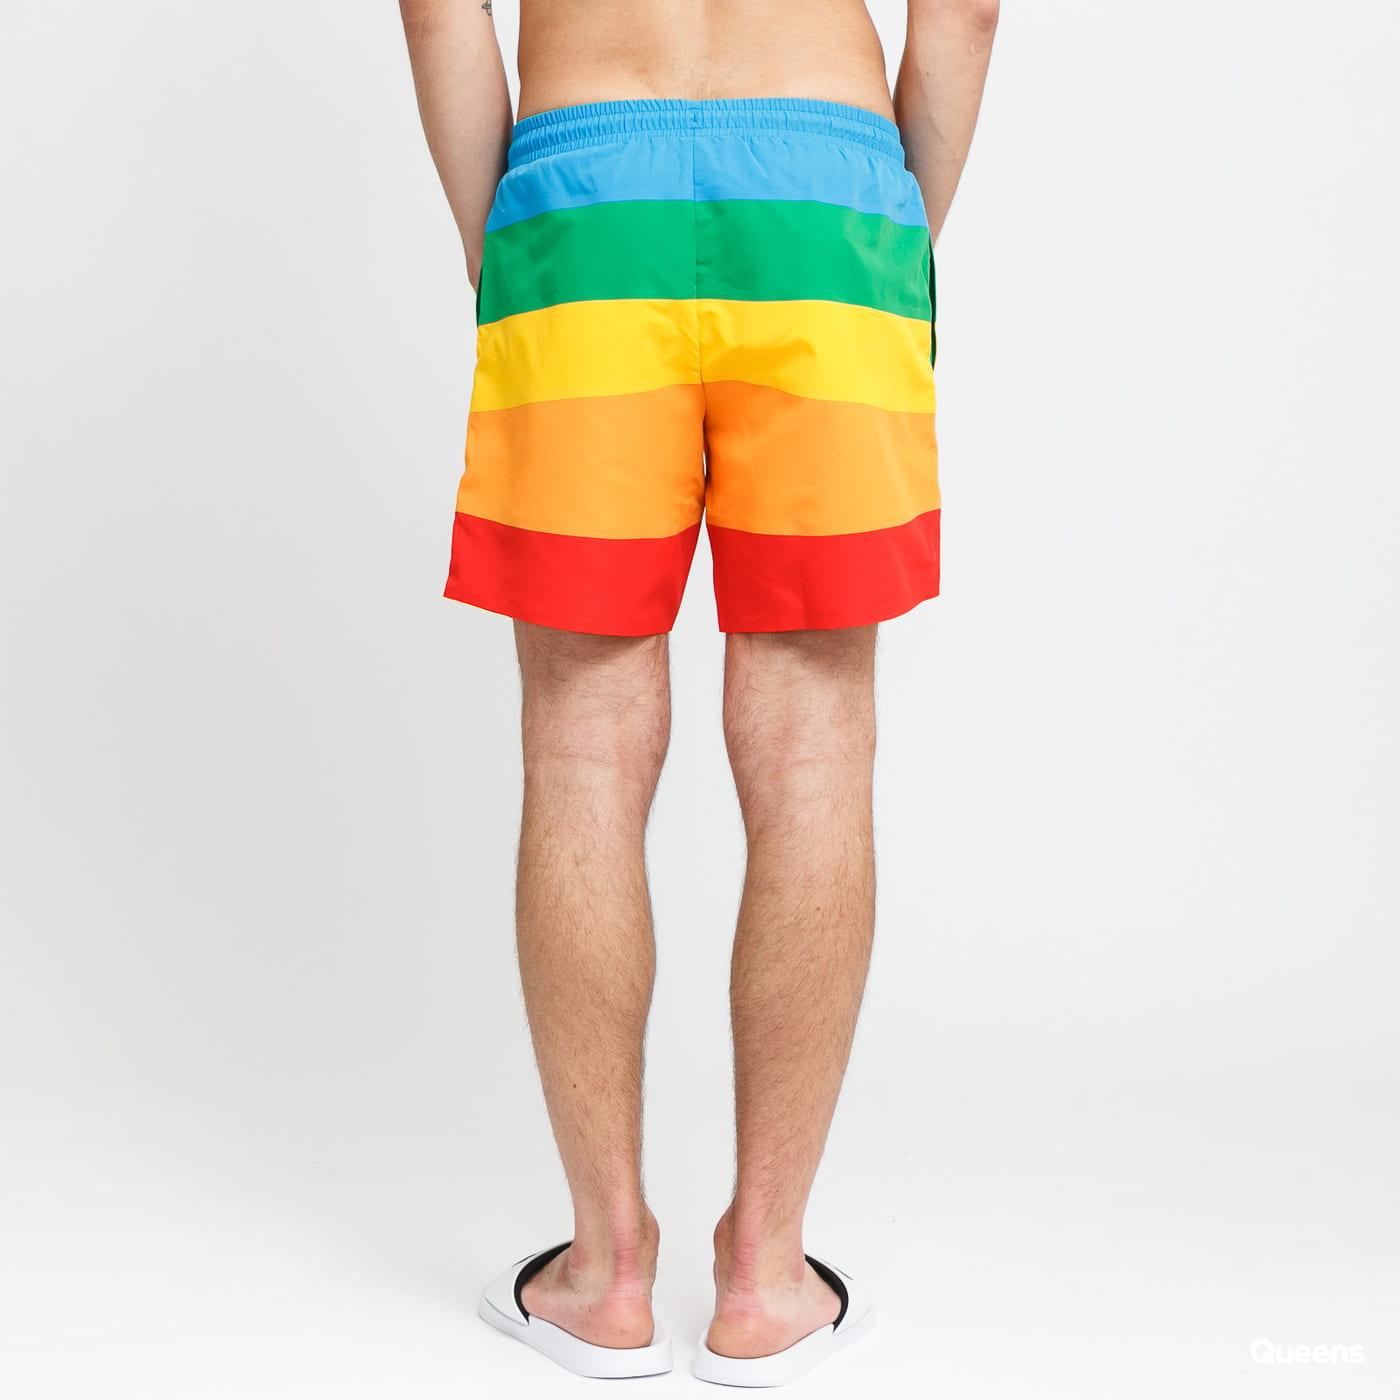 LACOSTE Polaroid Colour Striped Swimming Trunks multicolor